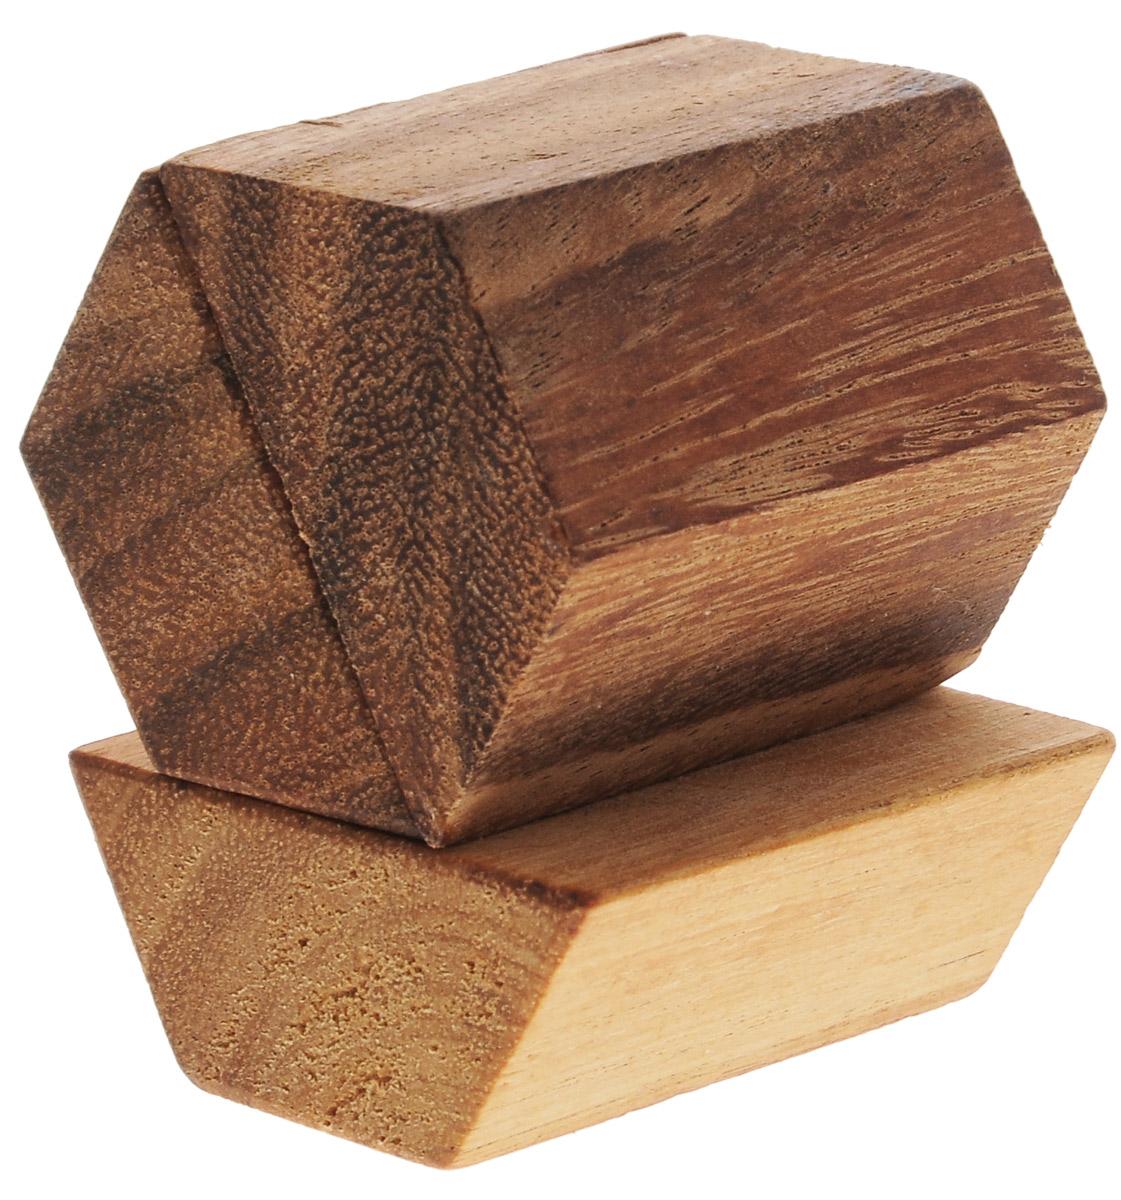 Dilemma Головоломка Пирамида 3 элемента dilemma головоломка колючка со смешанными блоками 3d page 7